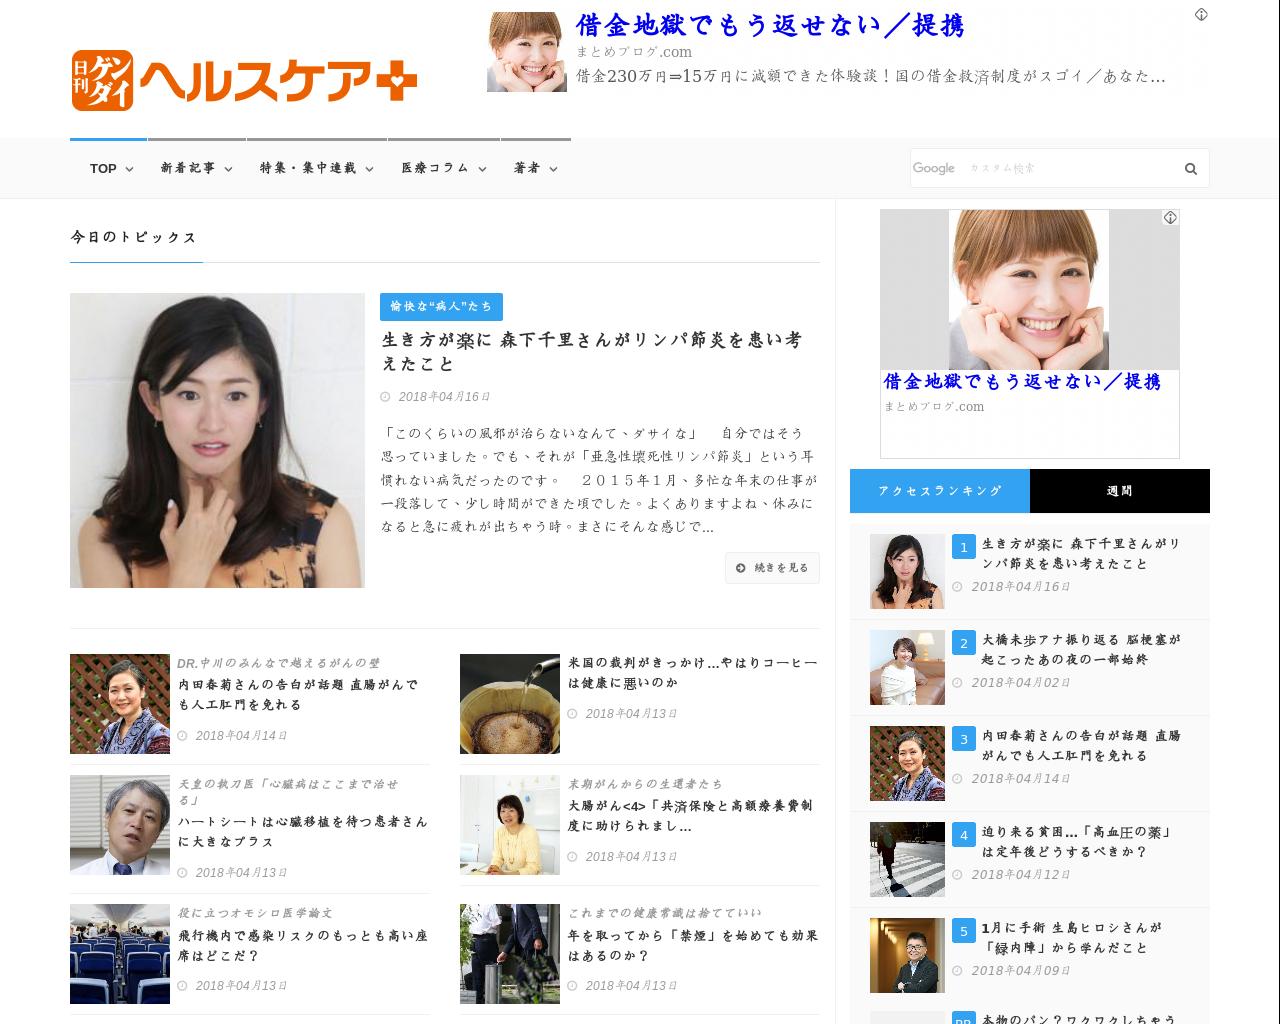 hc.nikkan-gendai.com(2018/04/16 09:40:41)